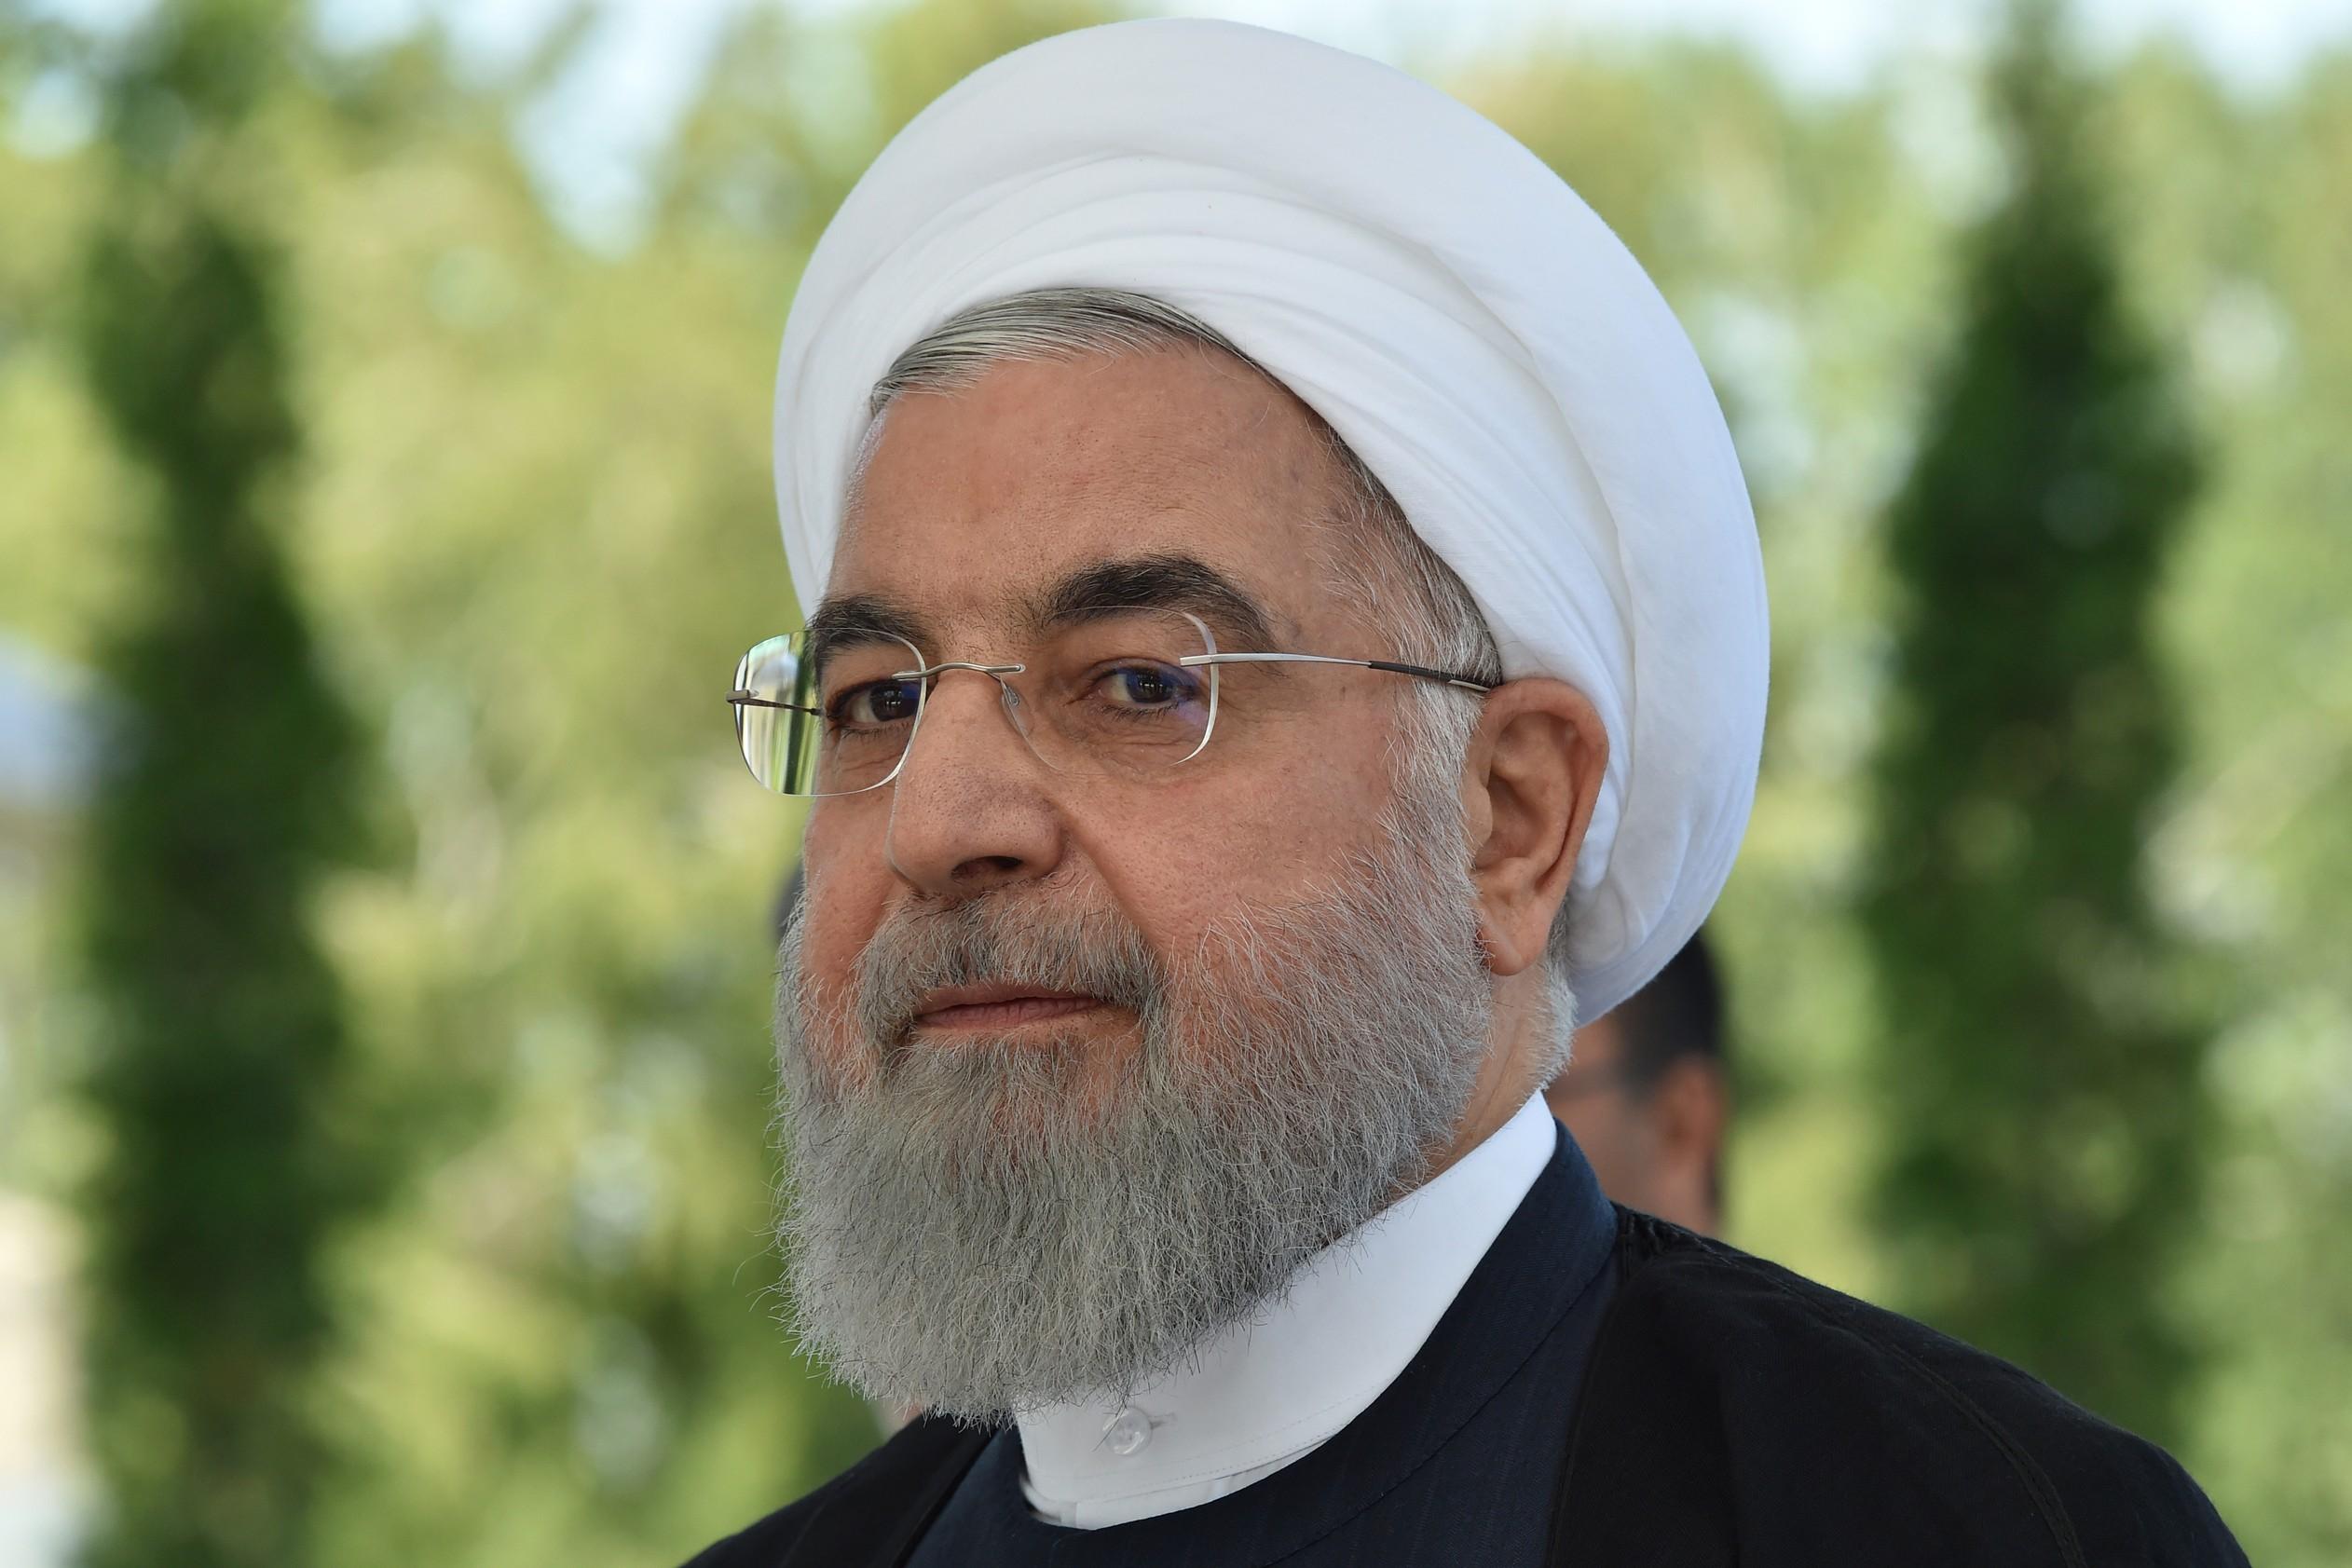 O presidente iraniano, Hassan Rouhani, em encontro com líderes mundiais nesta sexta-feira (14) em Bishkek, no Quirguistão. — Foto: Vyacheslav Oseledko / AFP